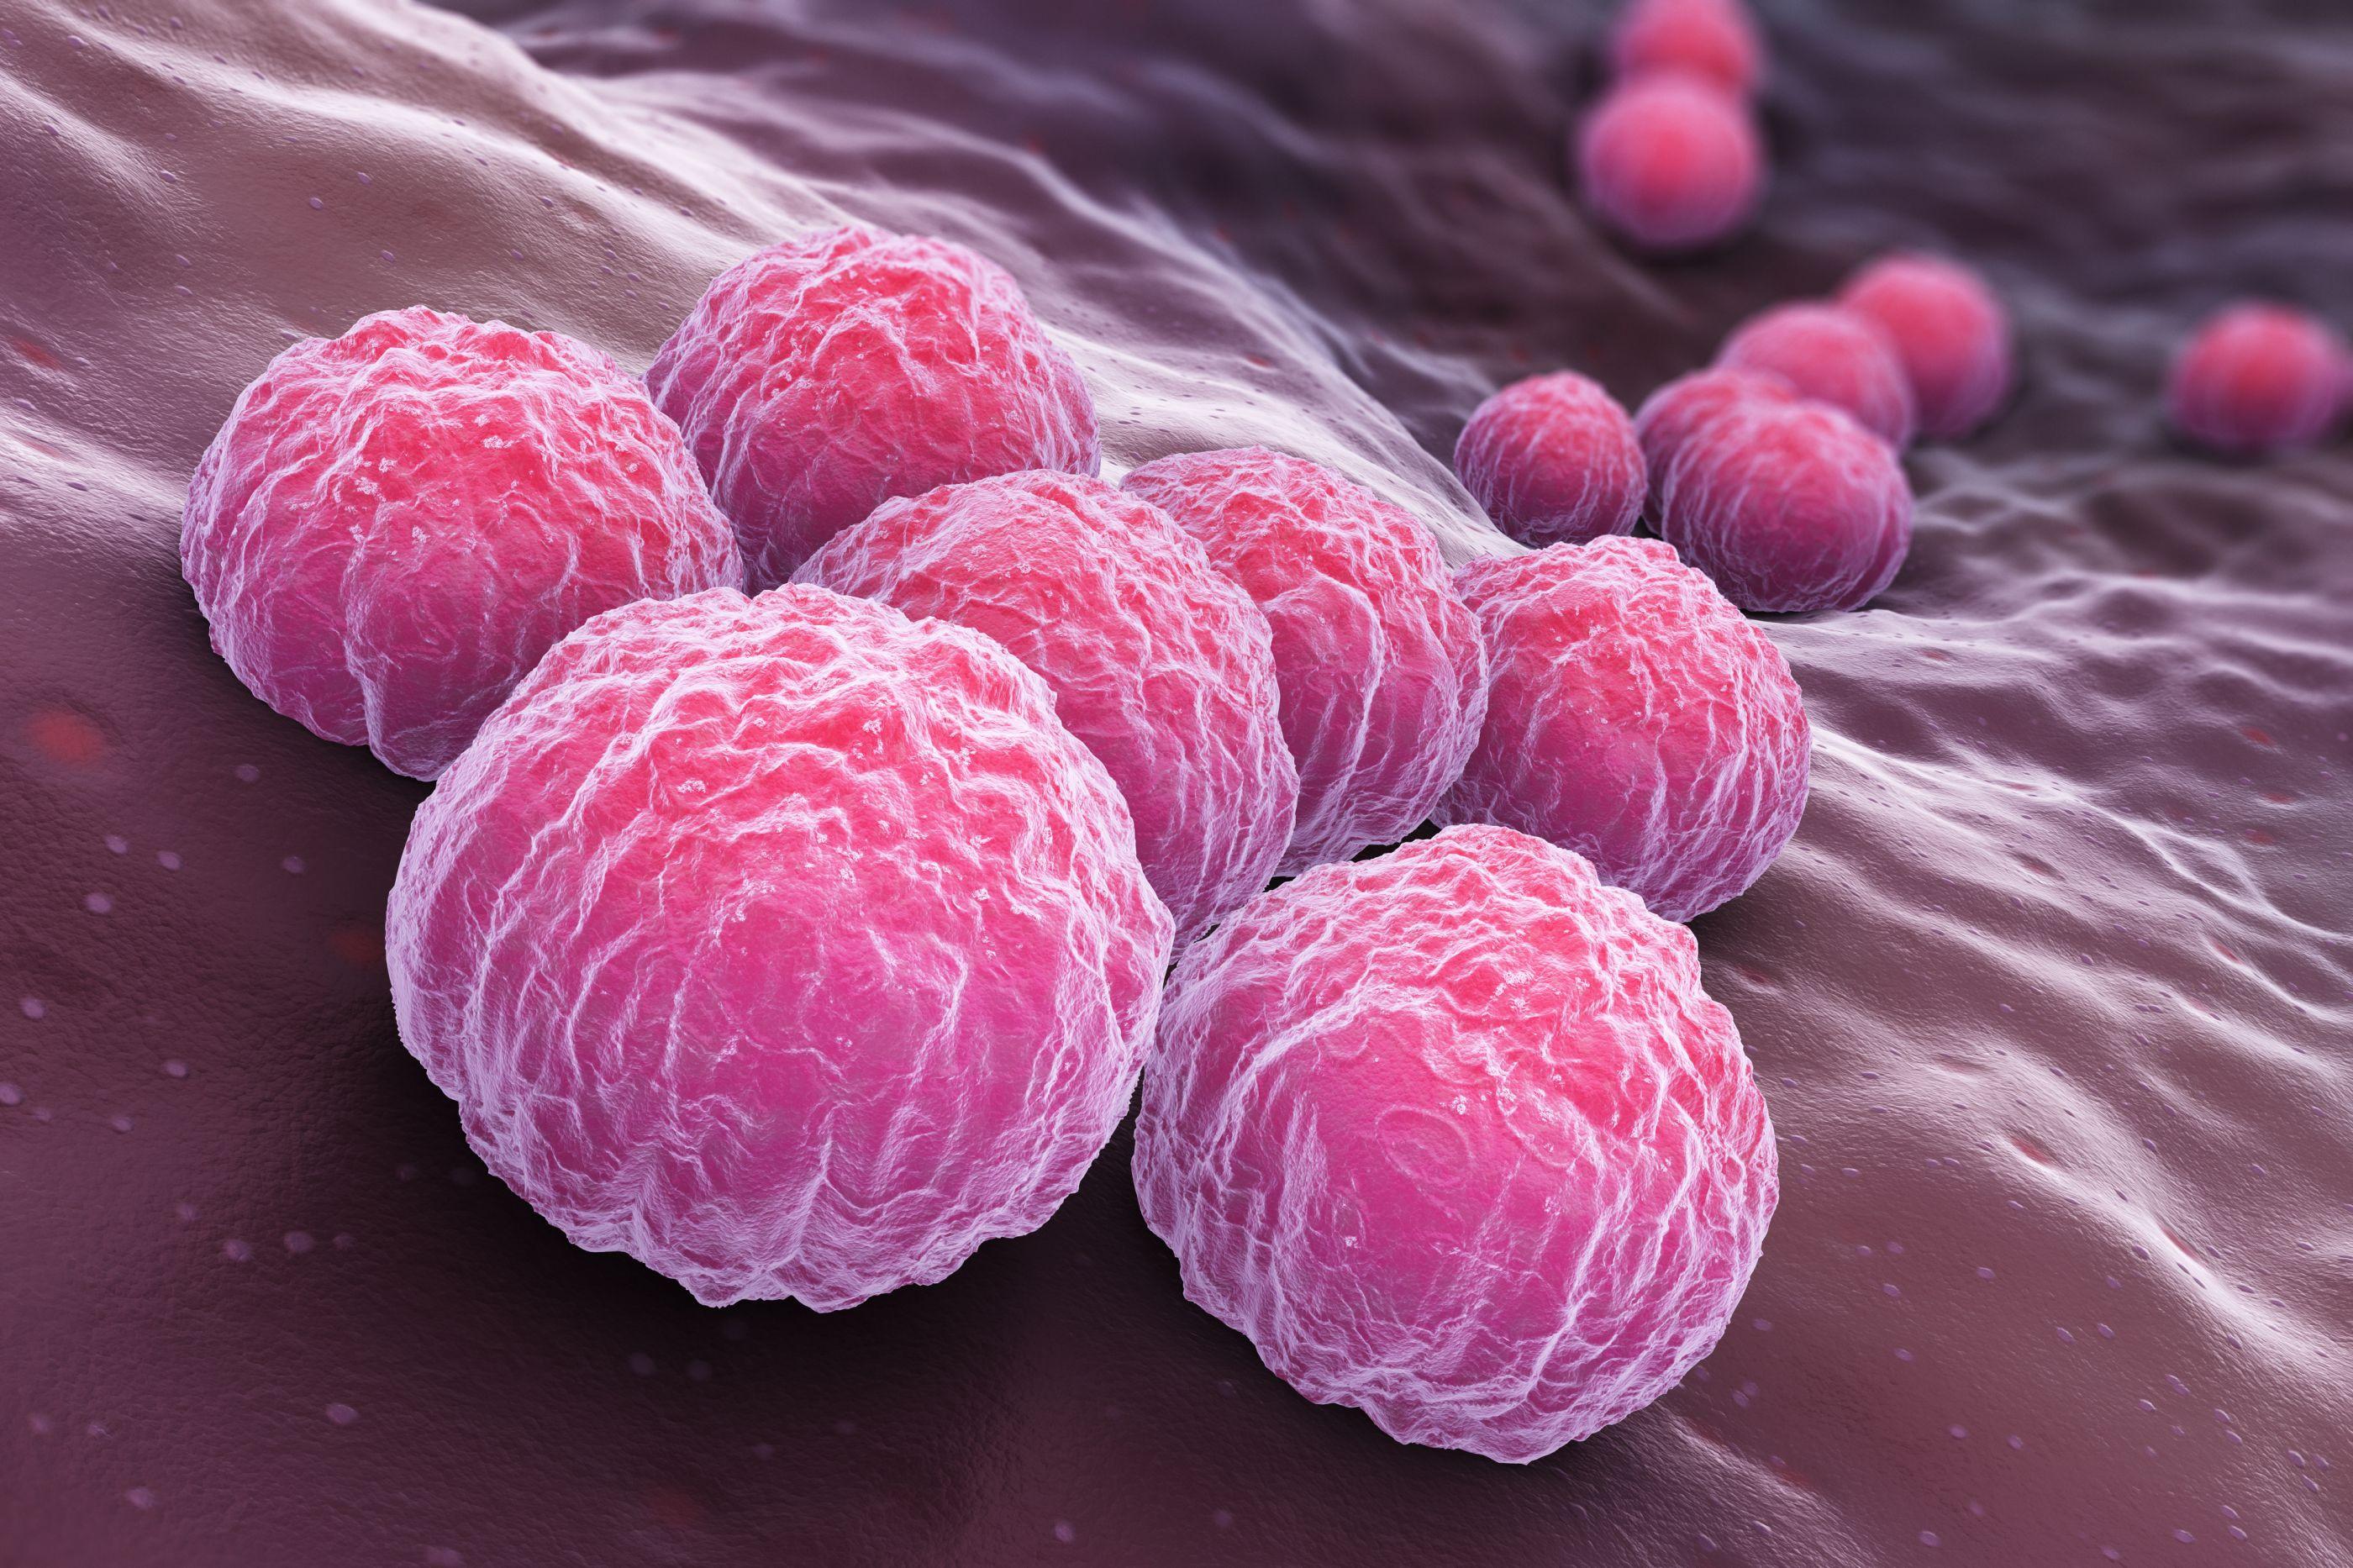 Cientistas desenvolvem novo tratamento para clamídia sem antibióticos